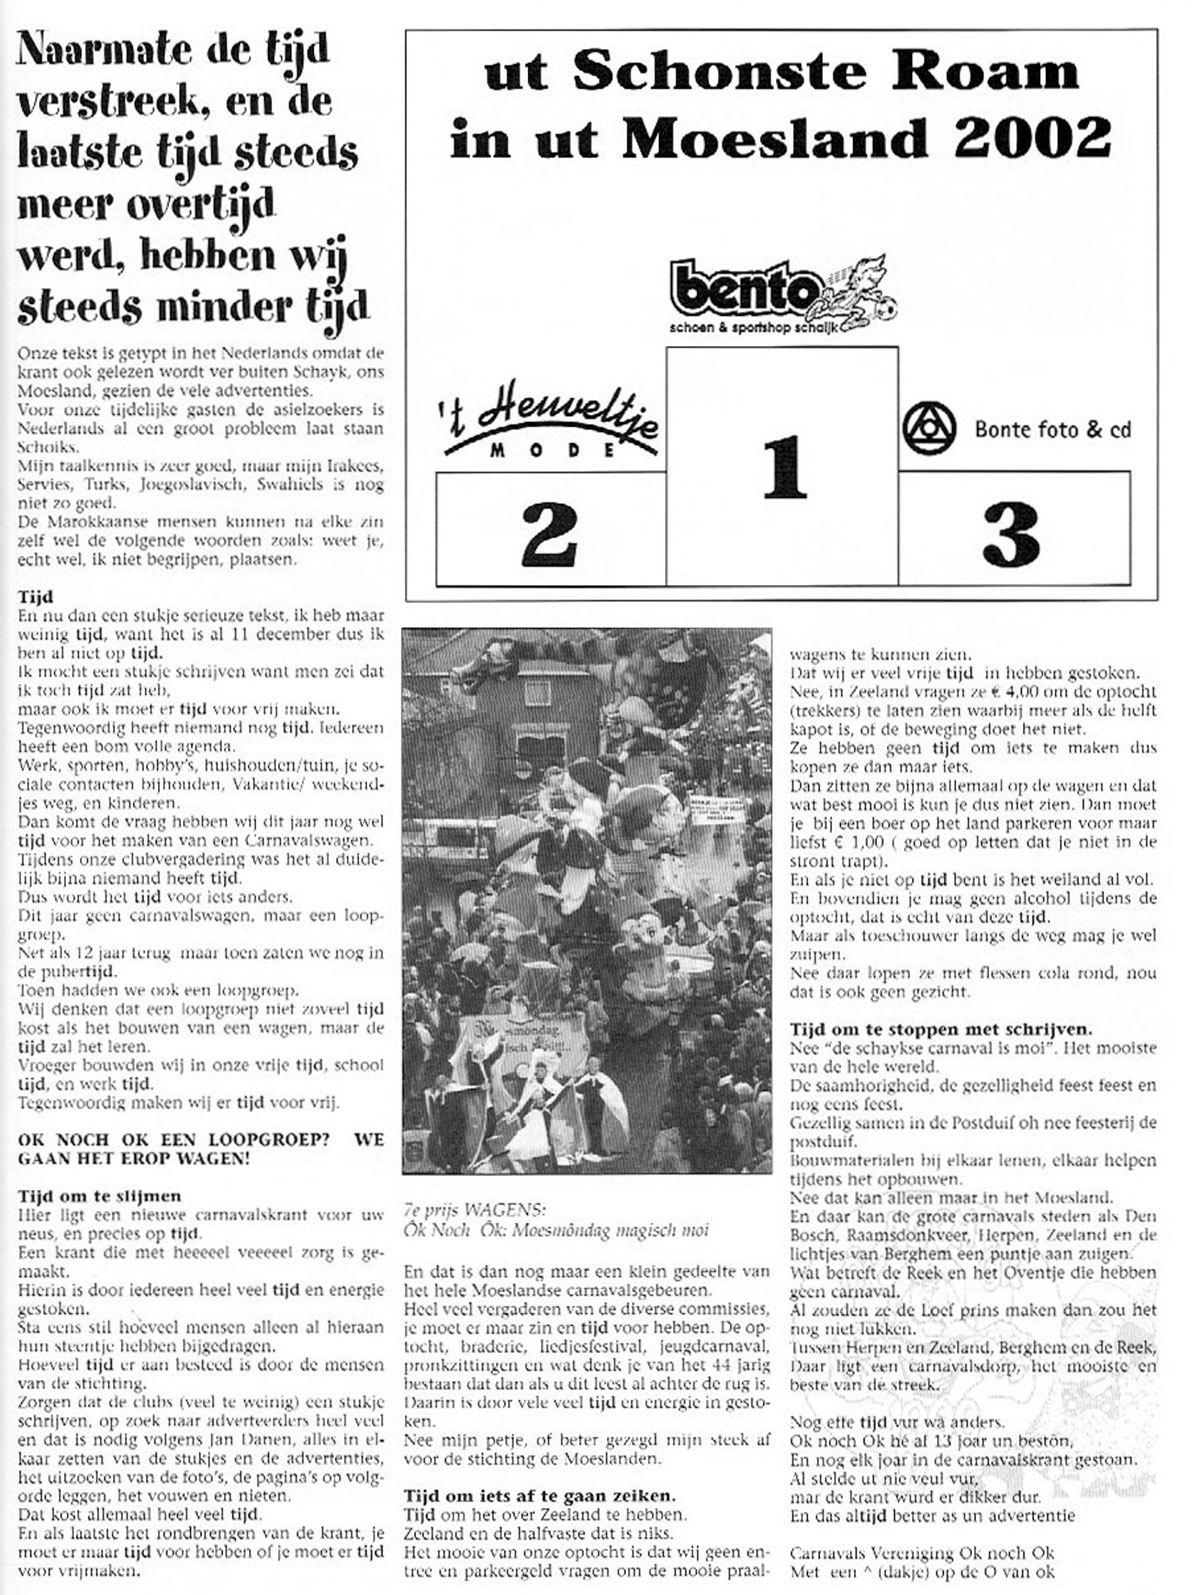 Carnavalskrant Ok Noch Ok - 2003